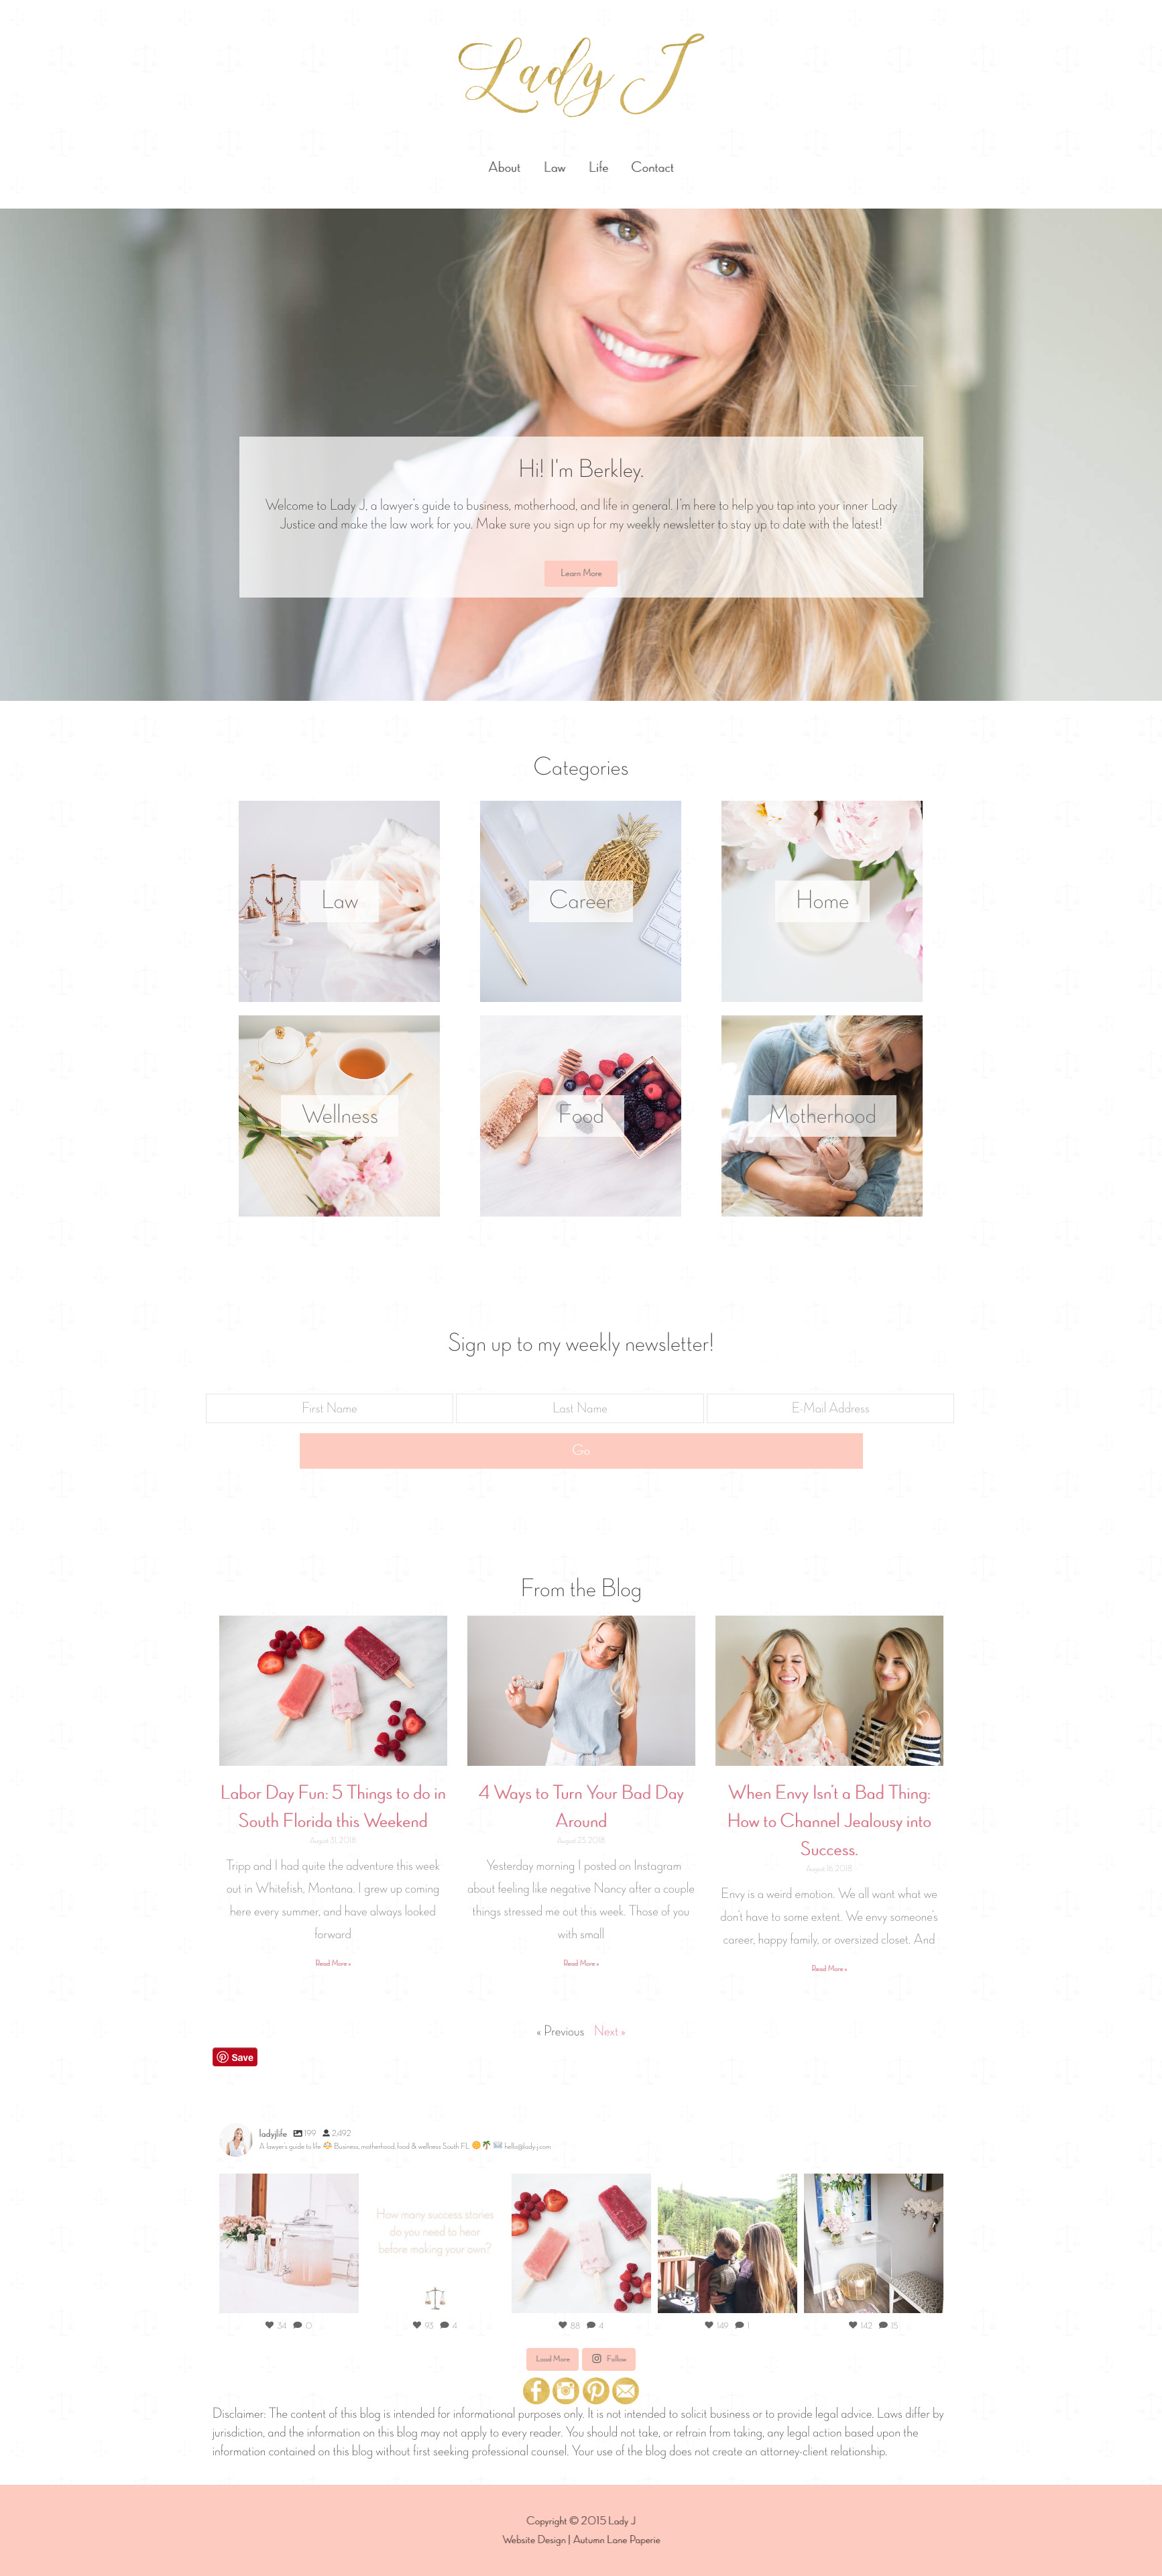 Lady J Website